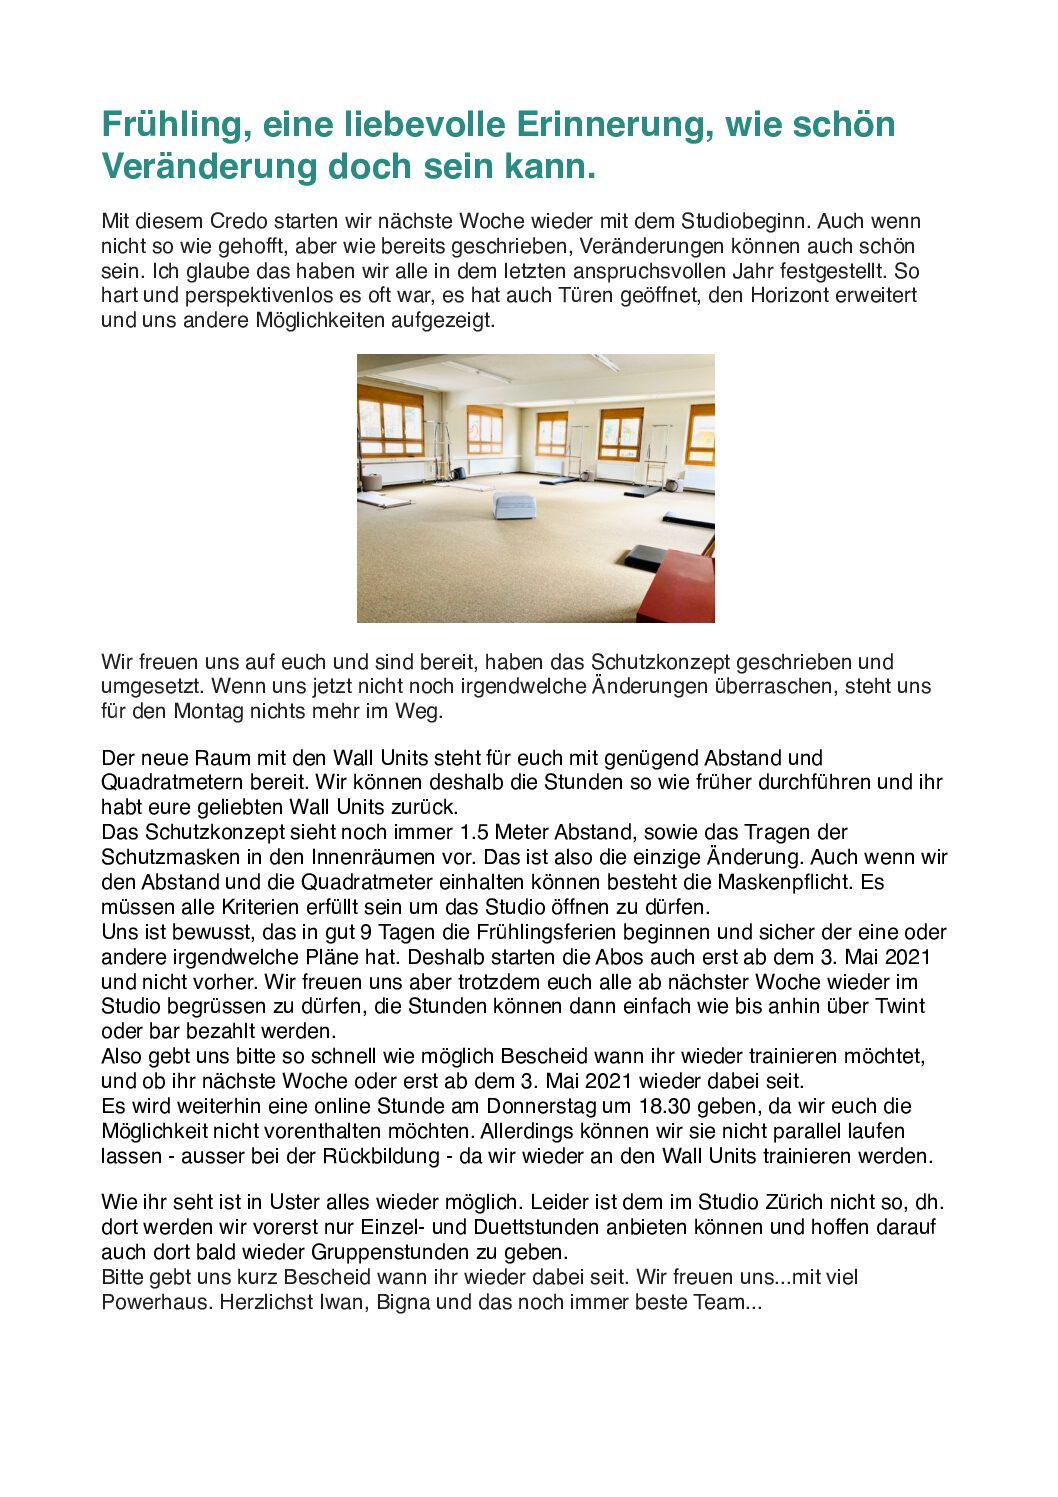 Pilates in Zürich und Uster – Wir bringen dich nach vorne!